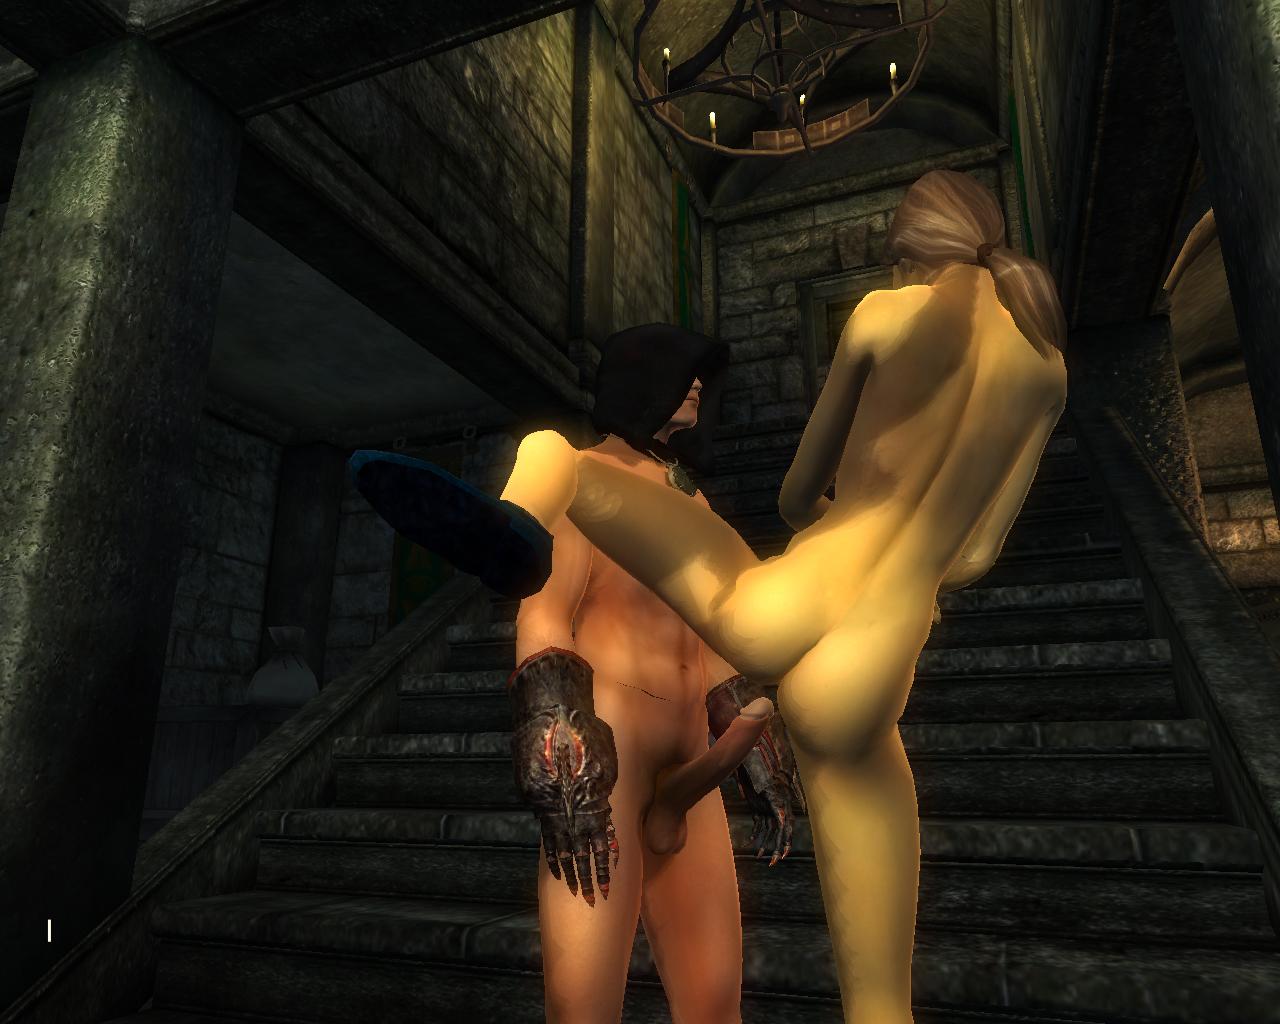 The elder scrolls iv oblivion sex xxx hentai galleries